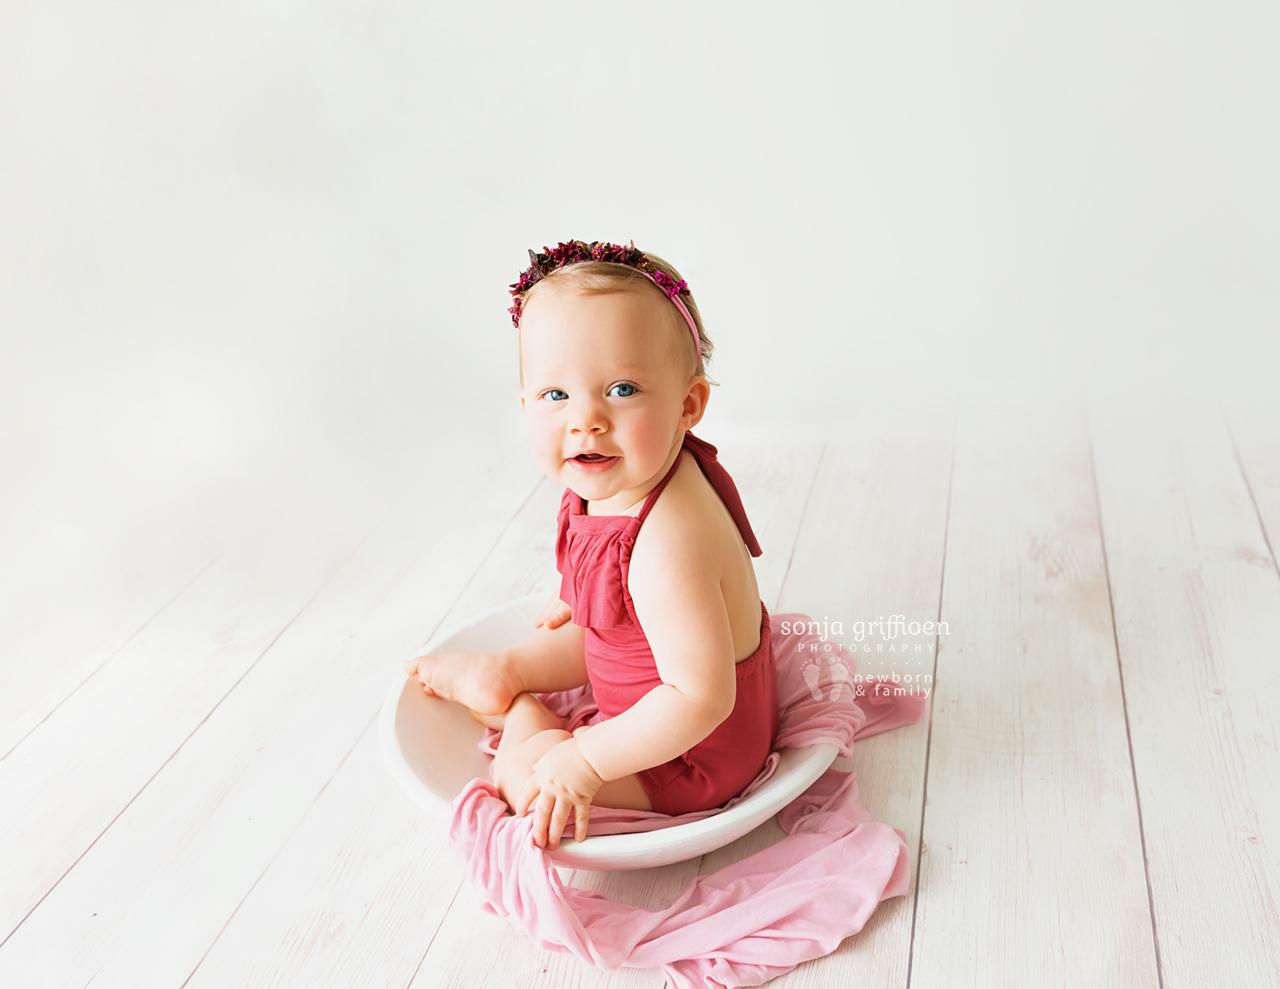 Arabella-Milestone-Brisbane-Newborn-Photographer-Sonja-Griffioen-05.jpg